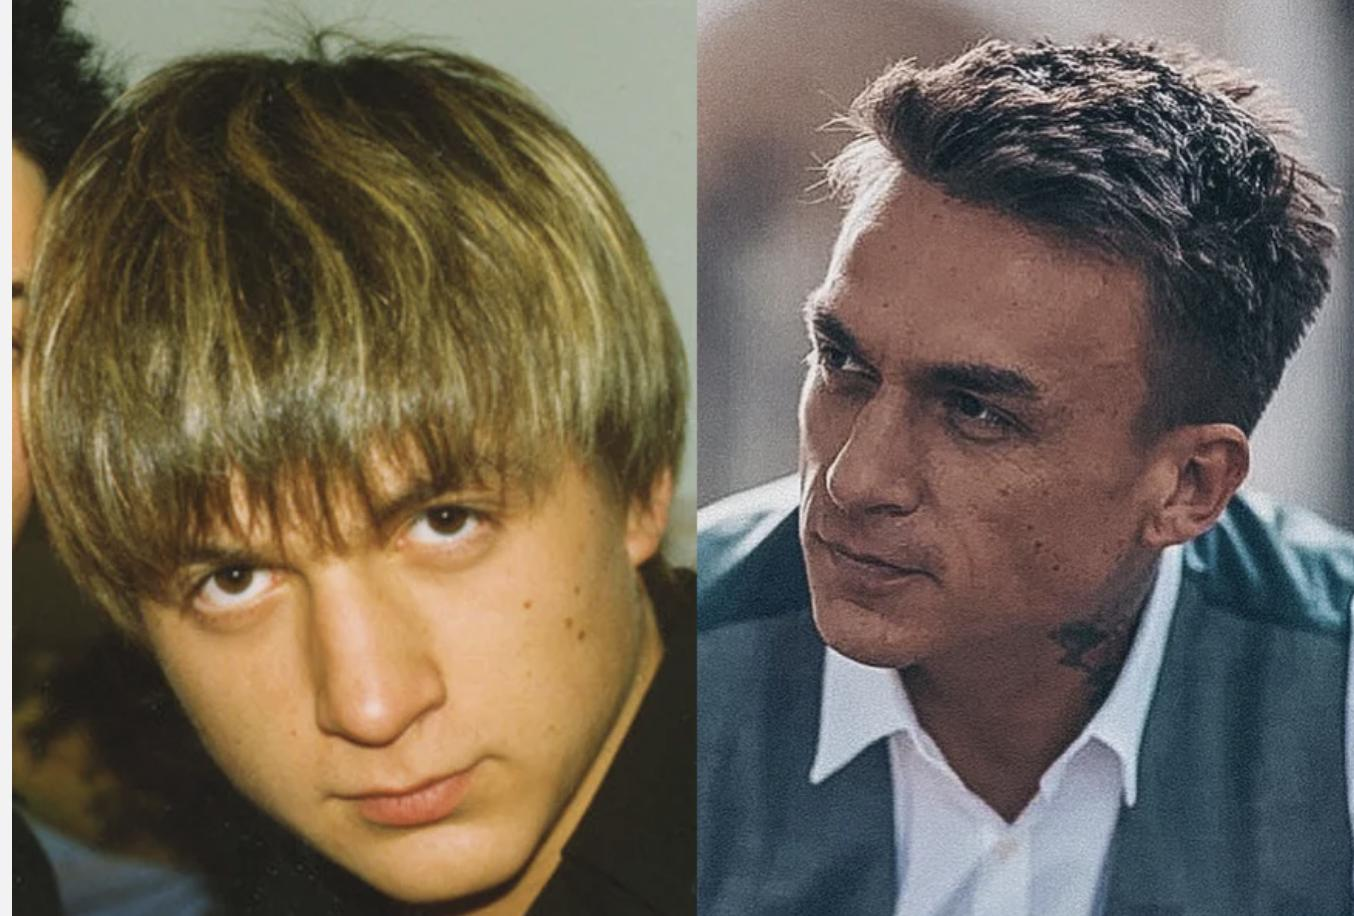 Музыканты, которые с возрастом стали только лучше Заморские звезды,звезда,концерт,наши звезды,певец,фото,шоубиz,шоубиз